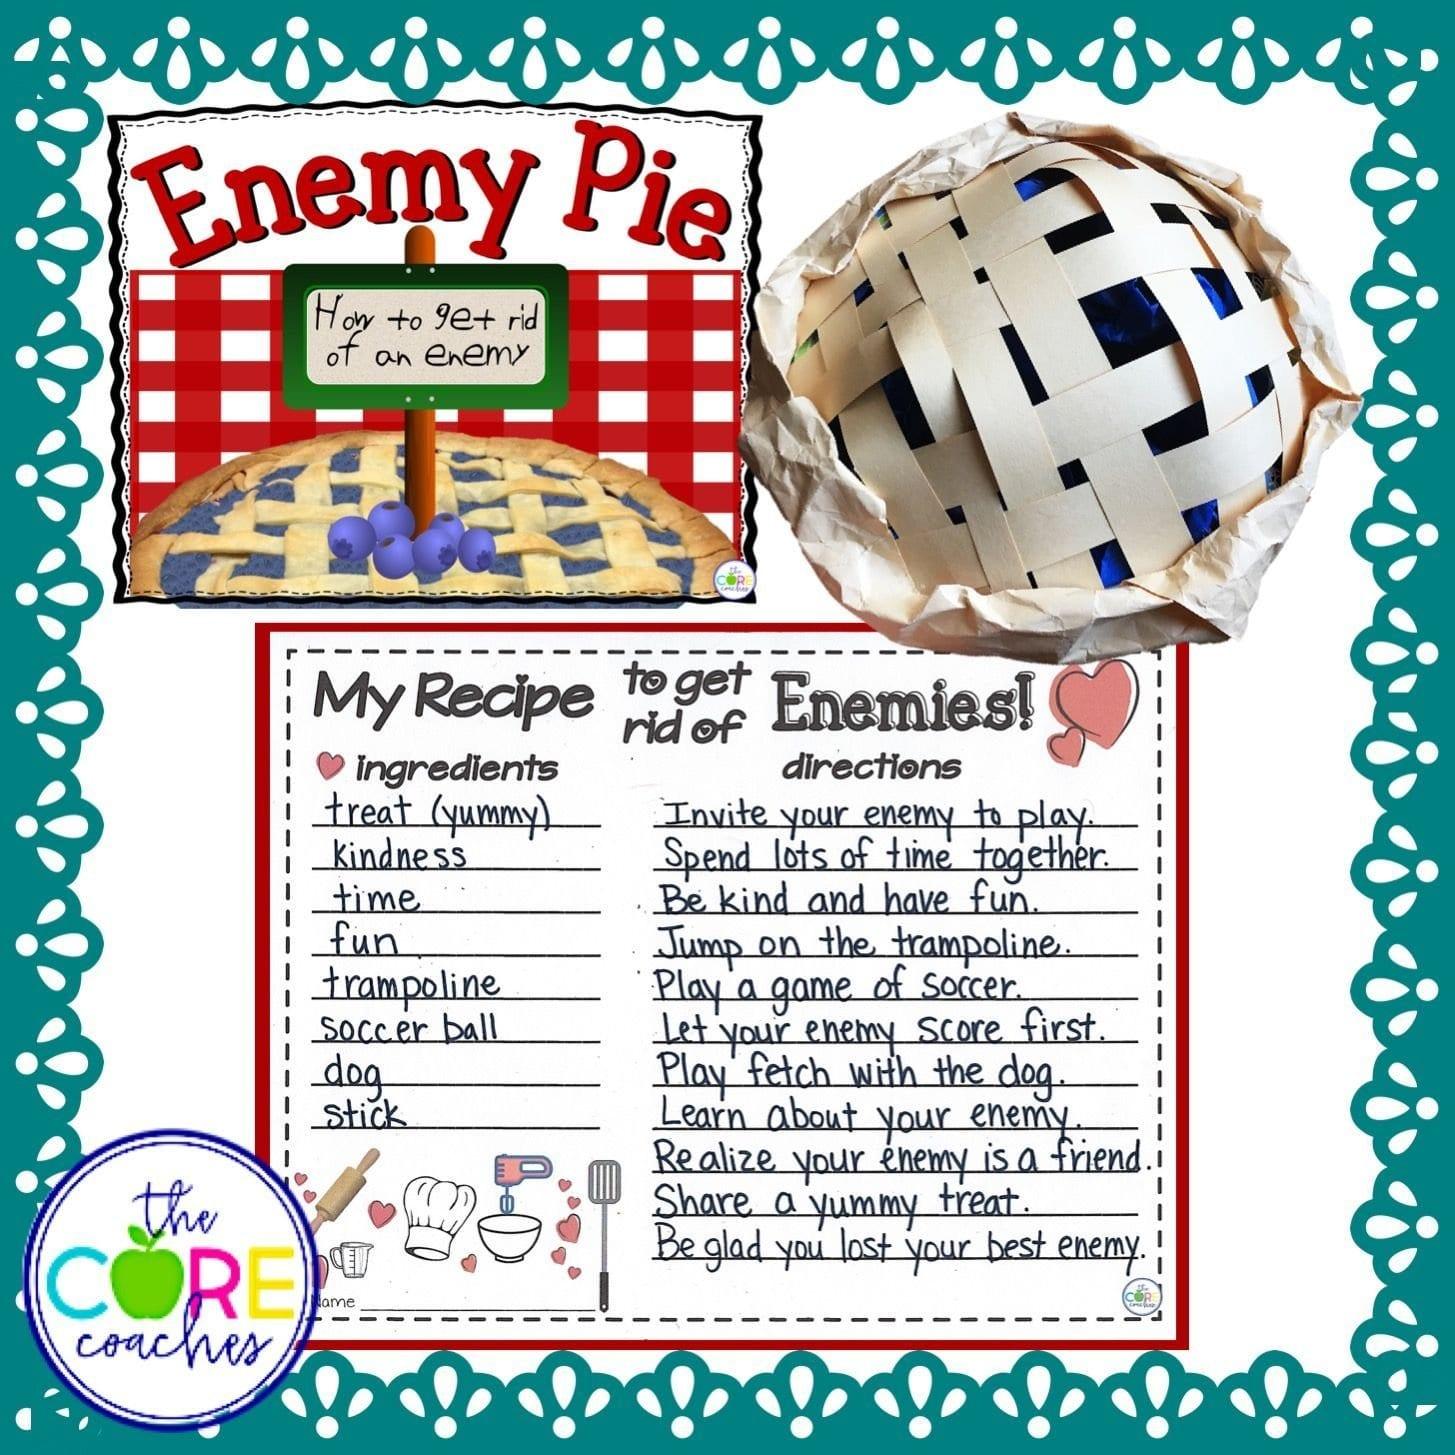 Enemy Pie Printable Worksheet  Briefencounters Within Enemy Pie Printable Worksheet